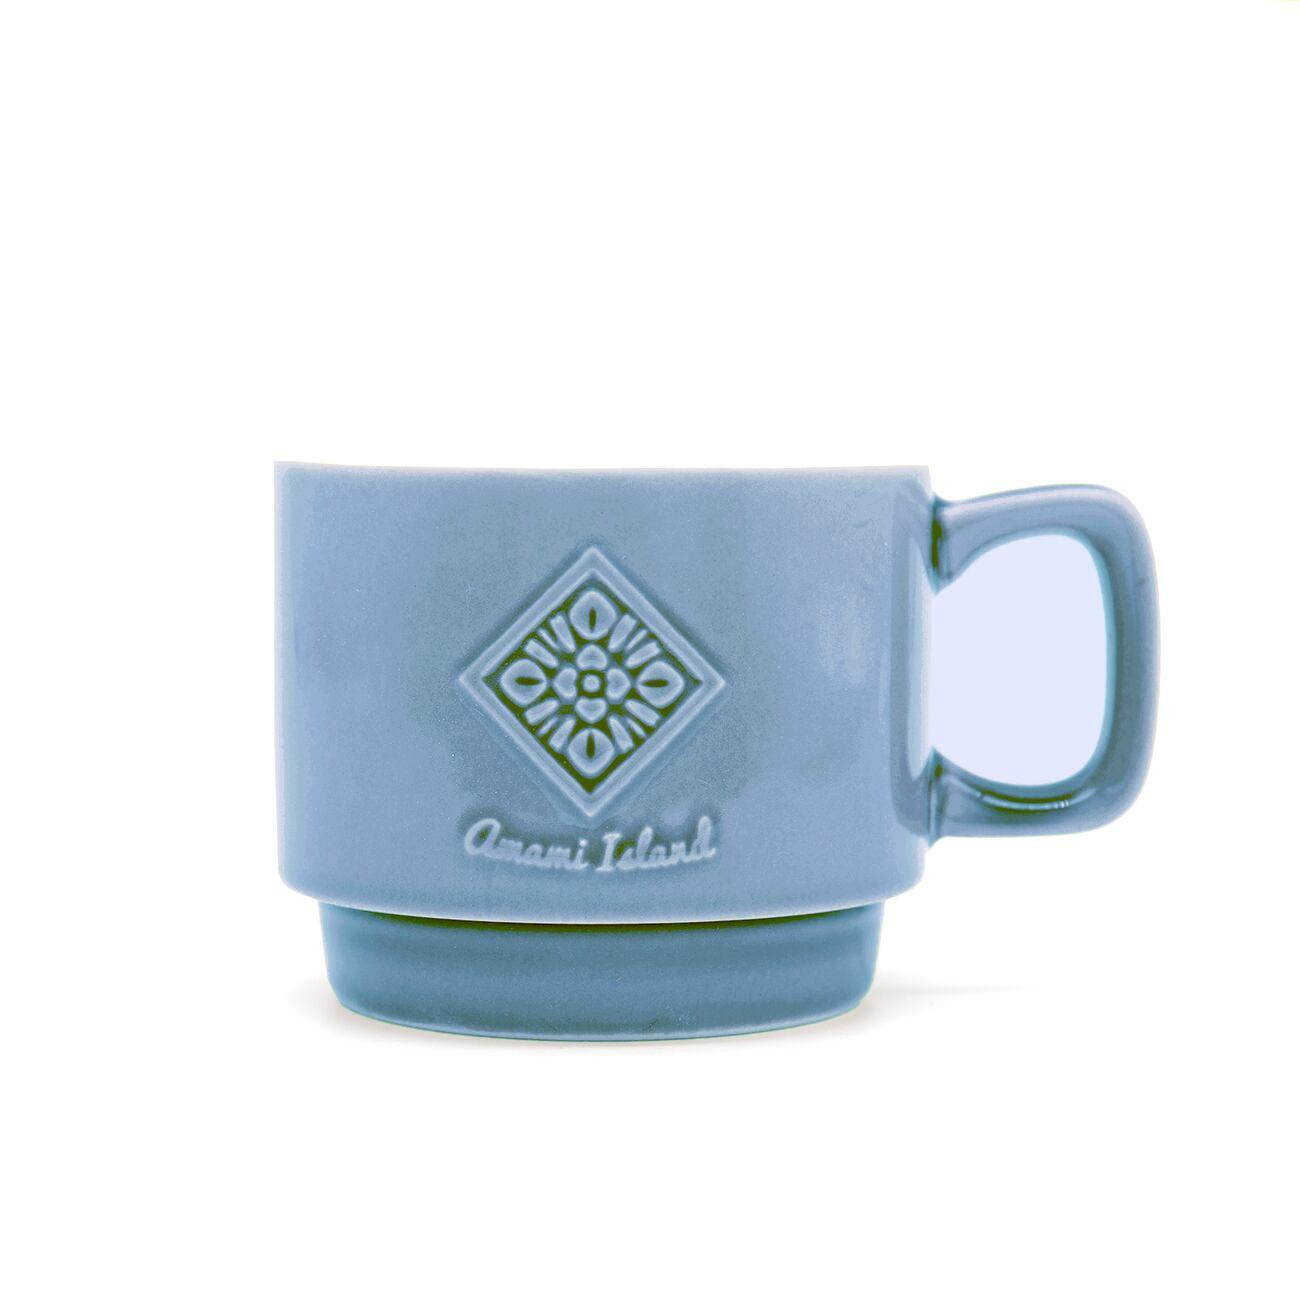 オリジナルマグカップ | インディゴ | 紬柄